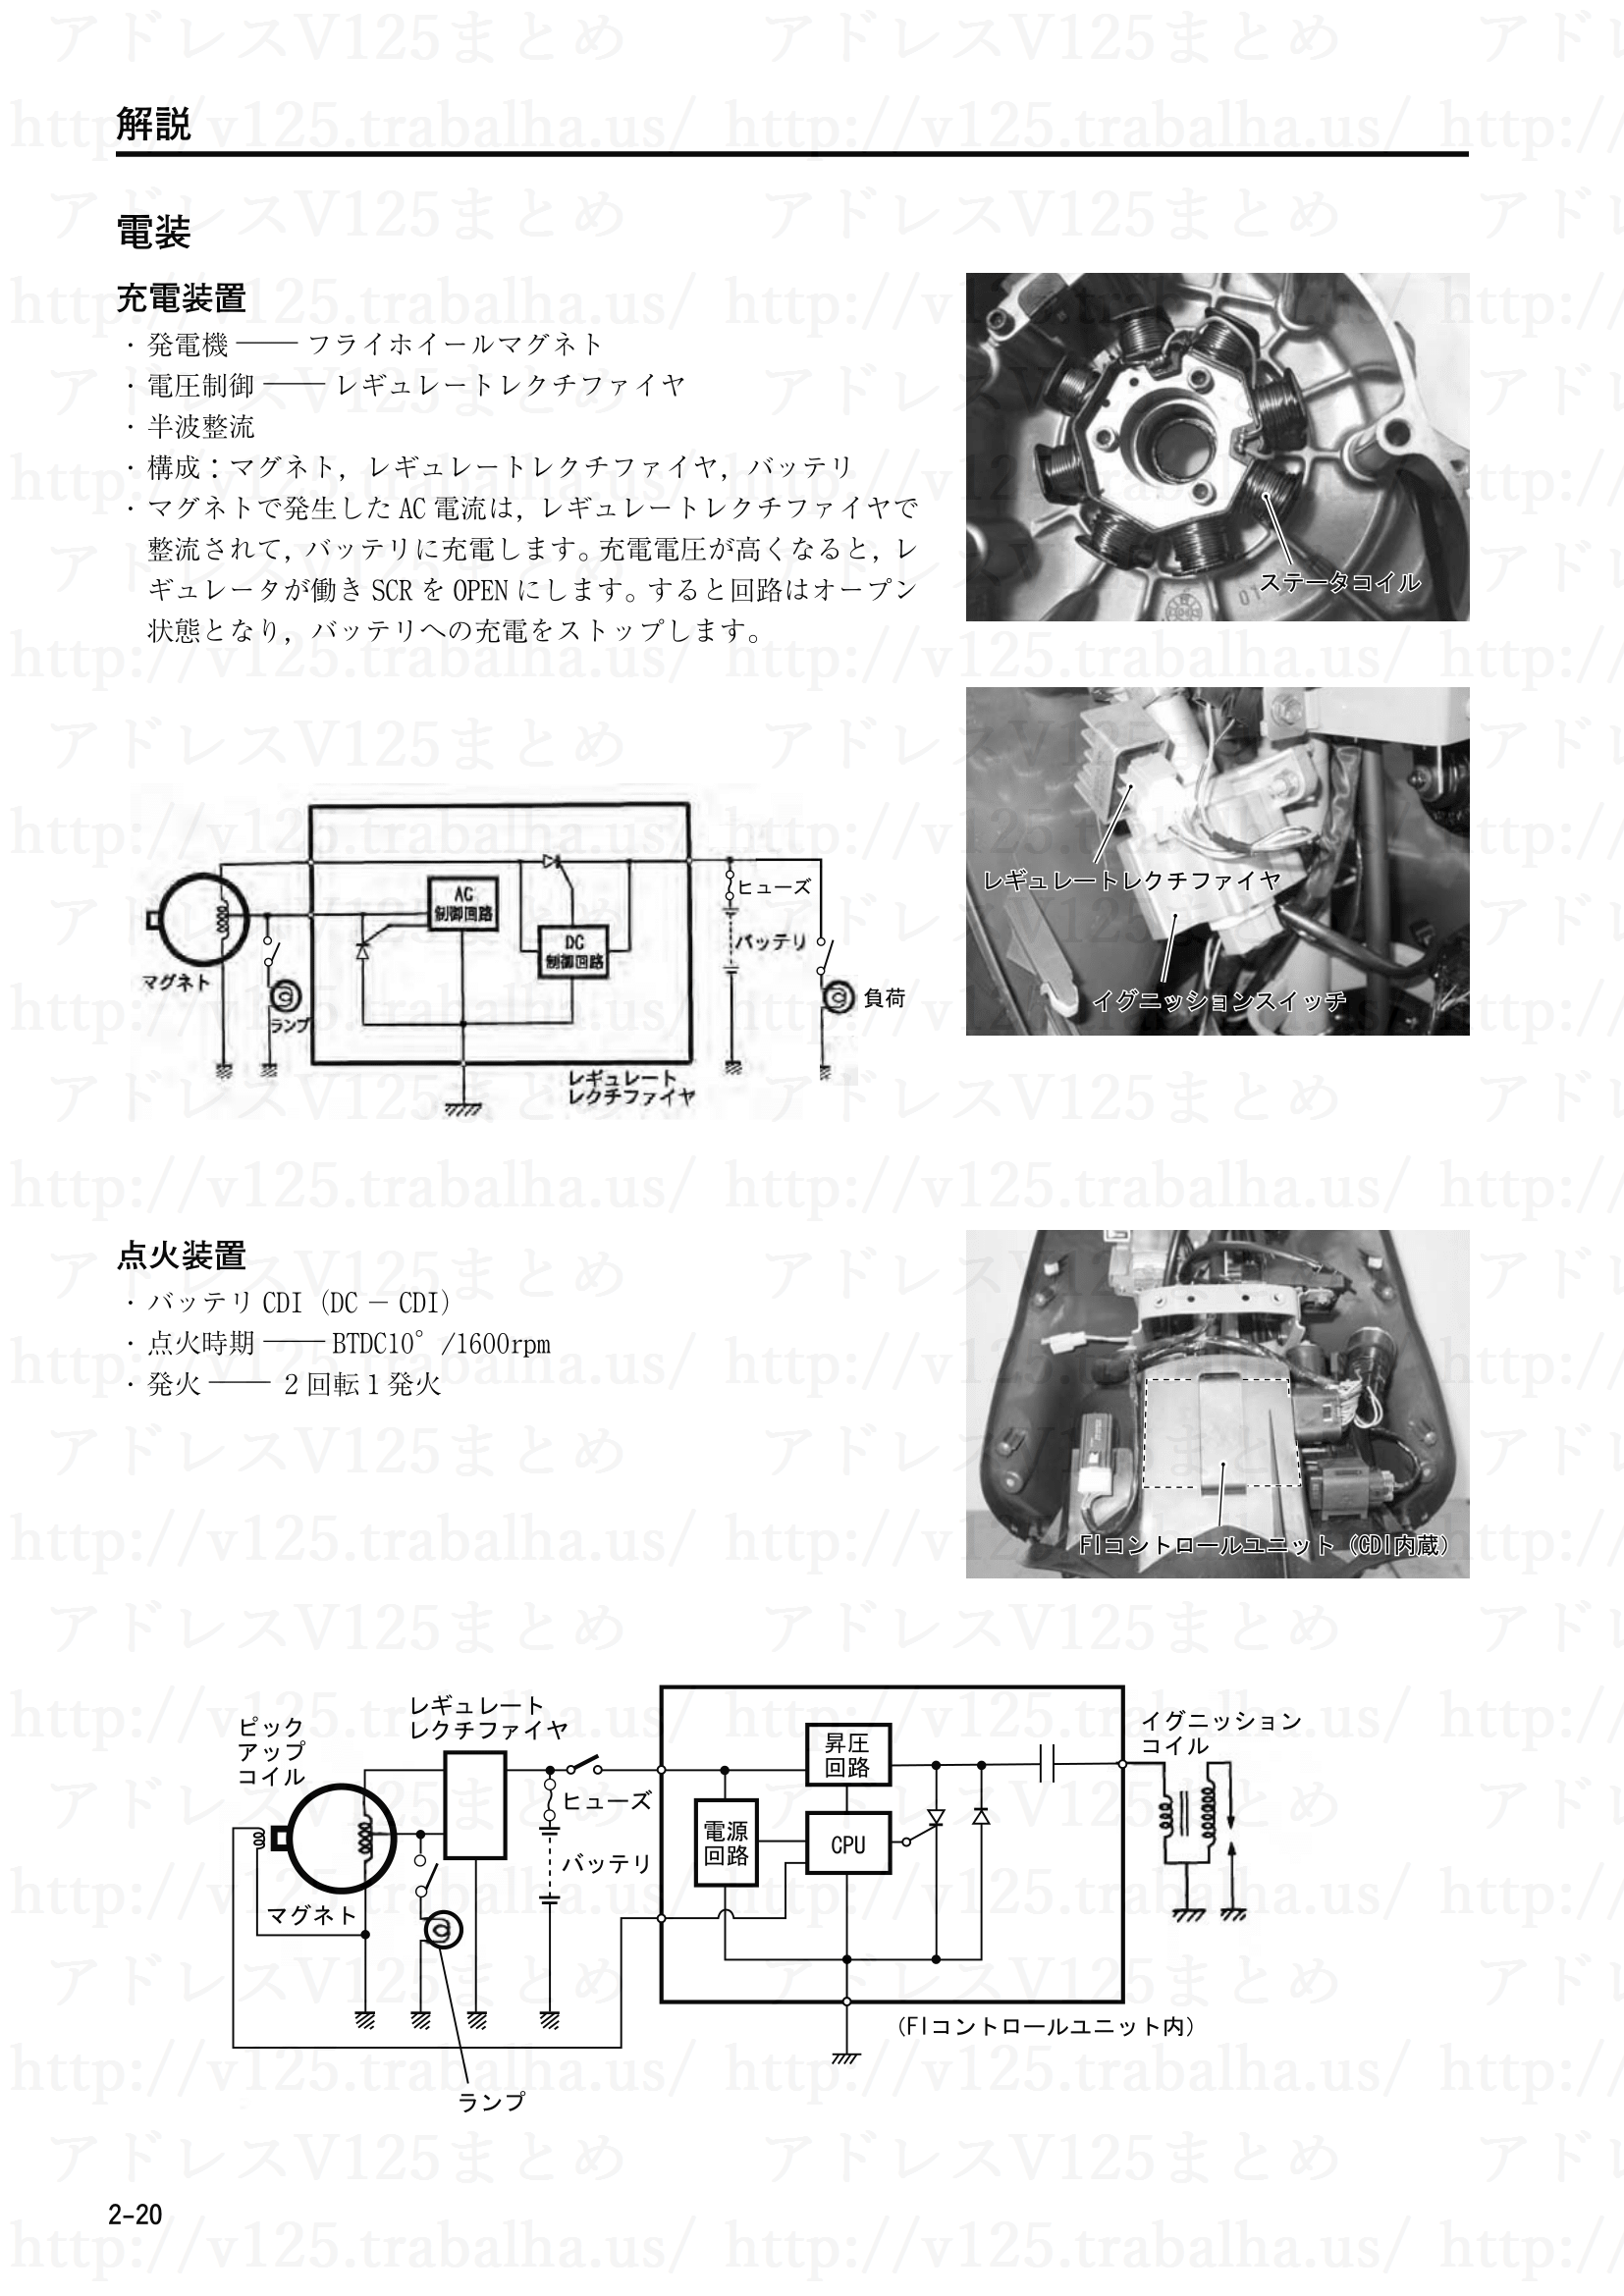 2-20【解説】電装/充電装置/点火装置